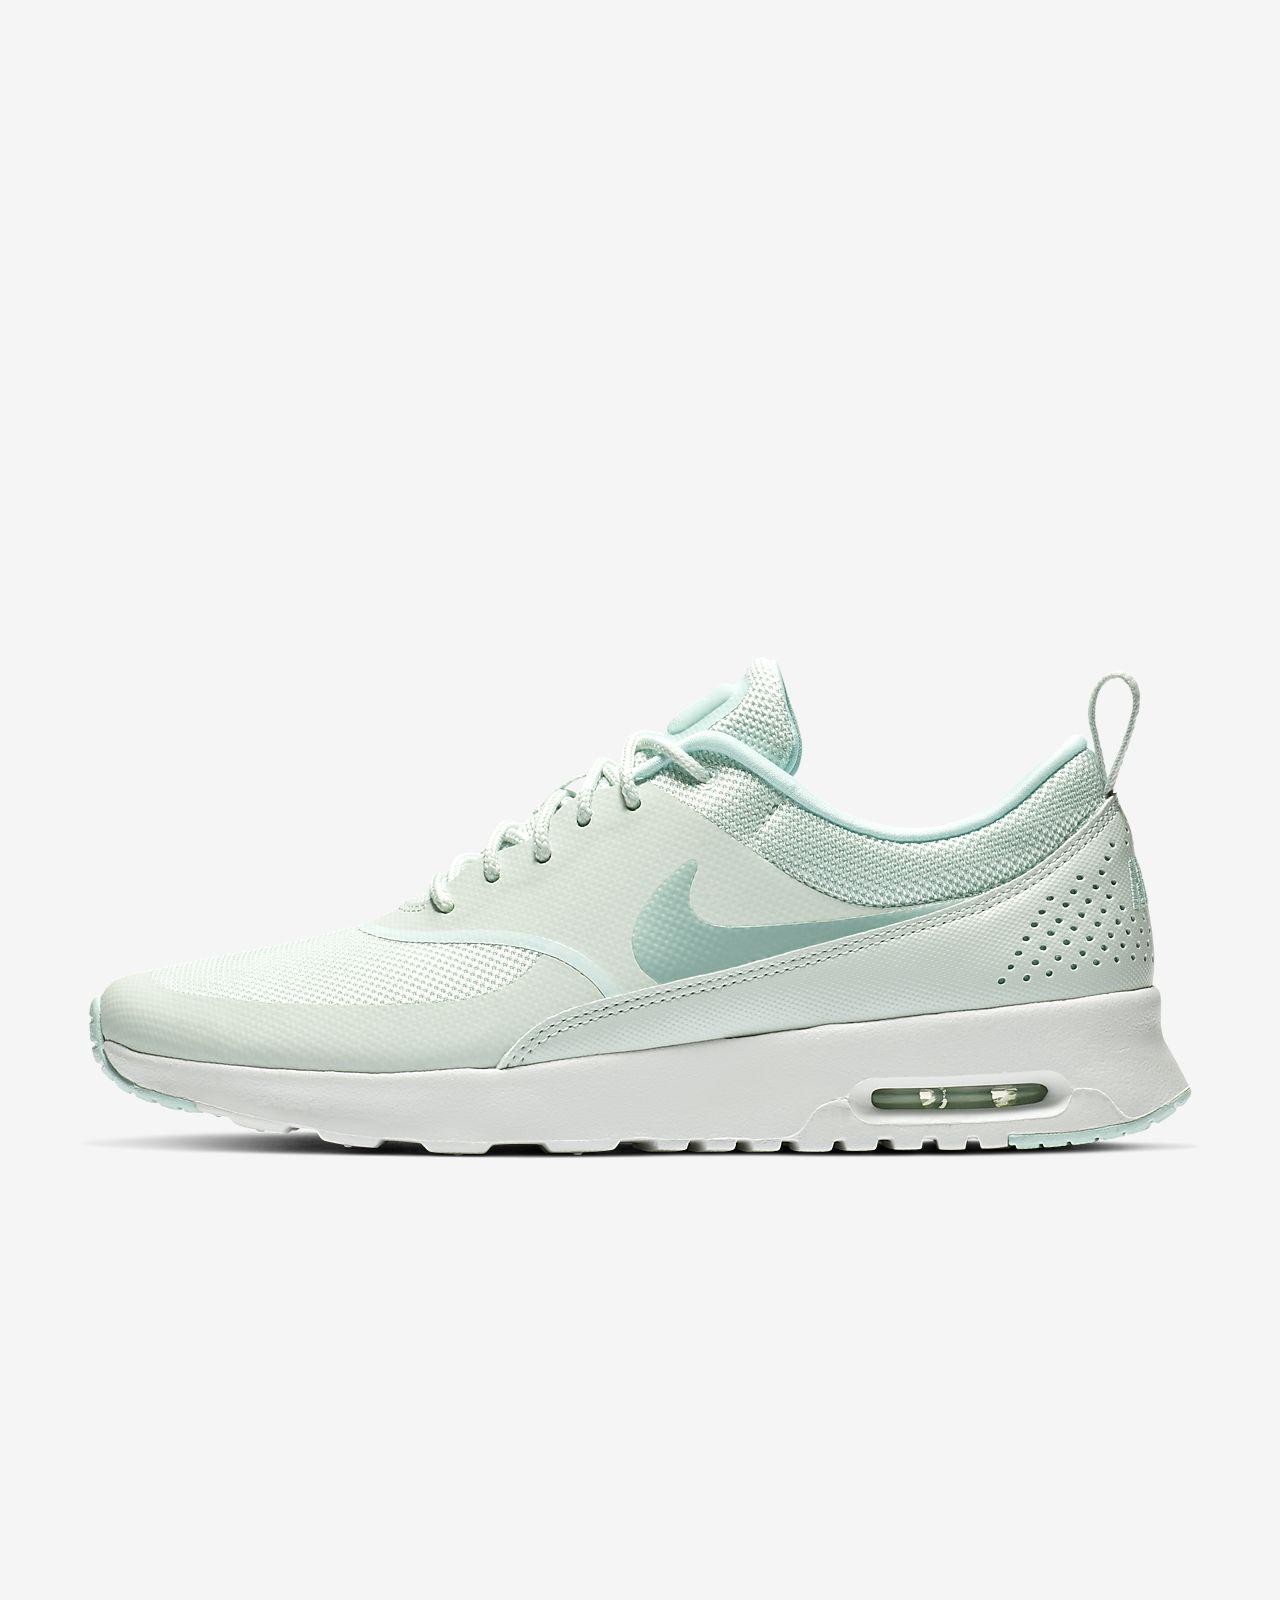 uk availability de96c 8d9d5 ... Nike Air Max Thea Damenschuh